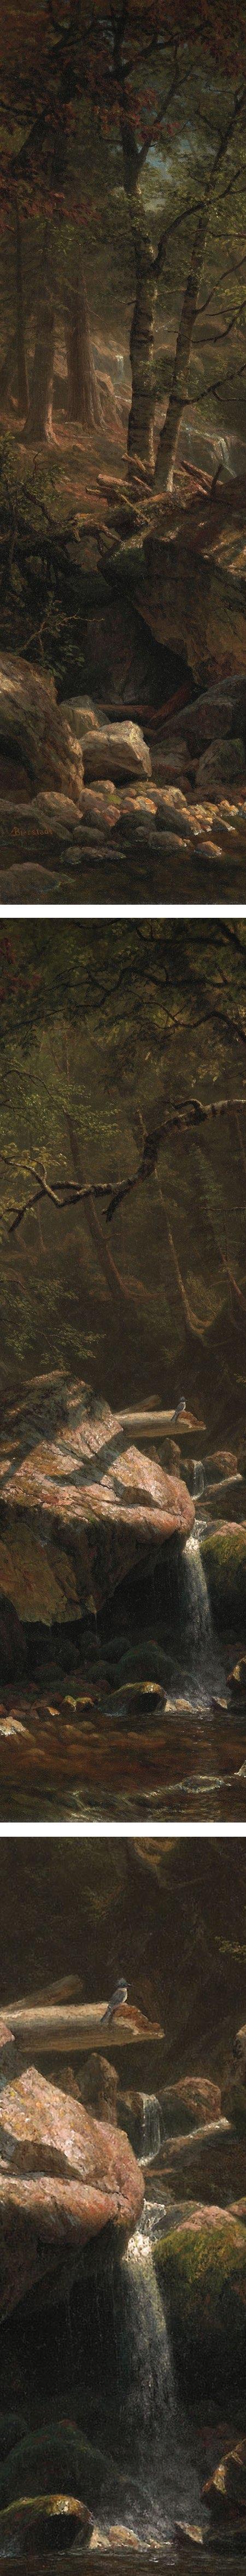 Mountain Brook, Albert Bierstadt (détails)